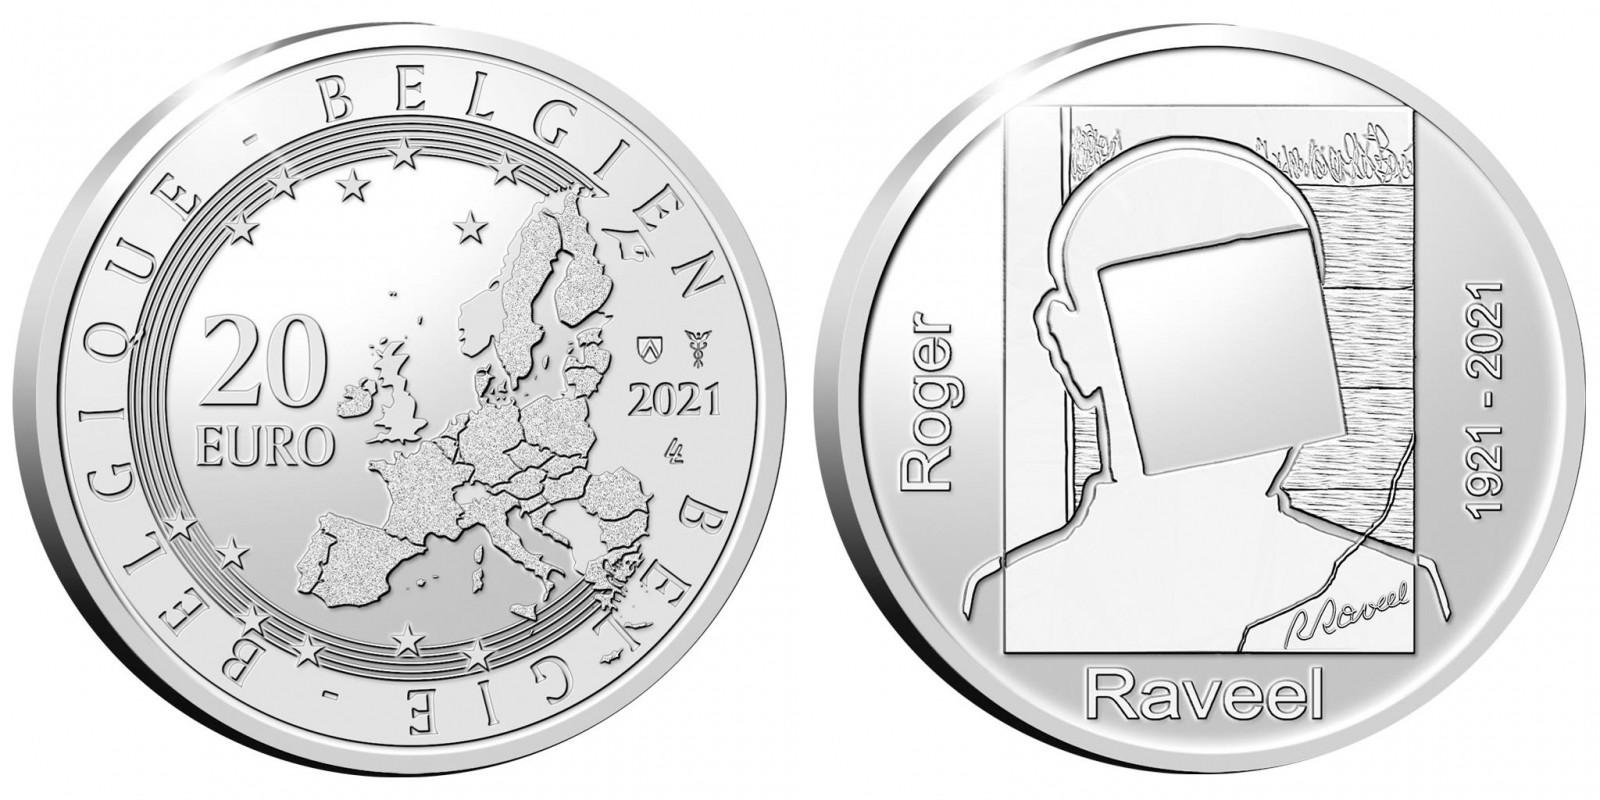 belgique-2021-roger-raveel